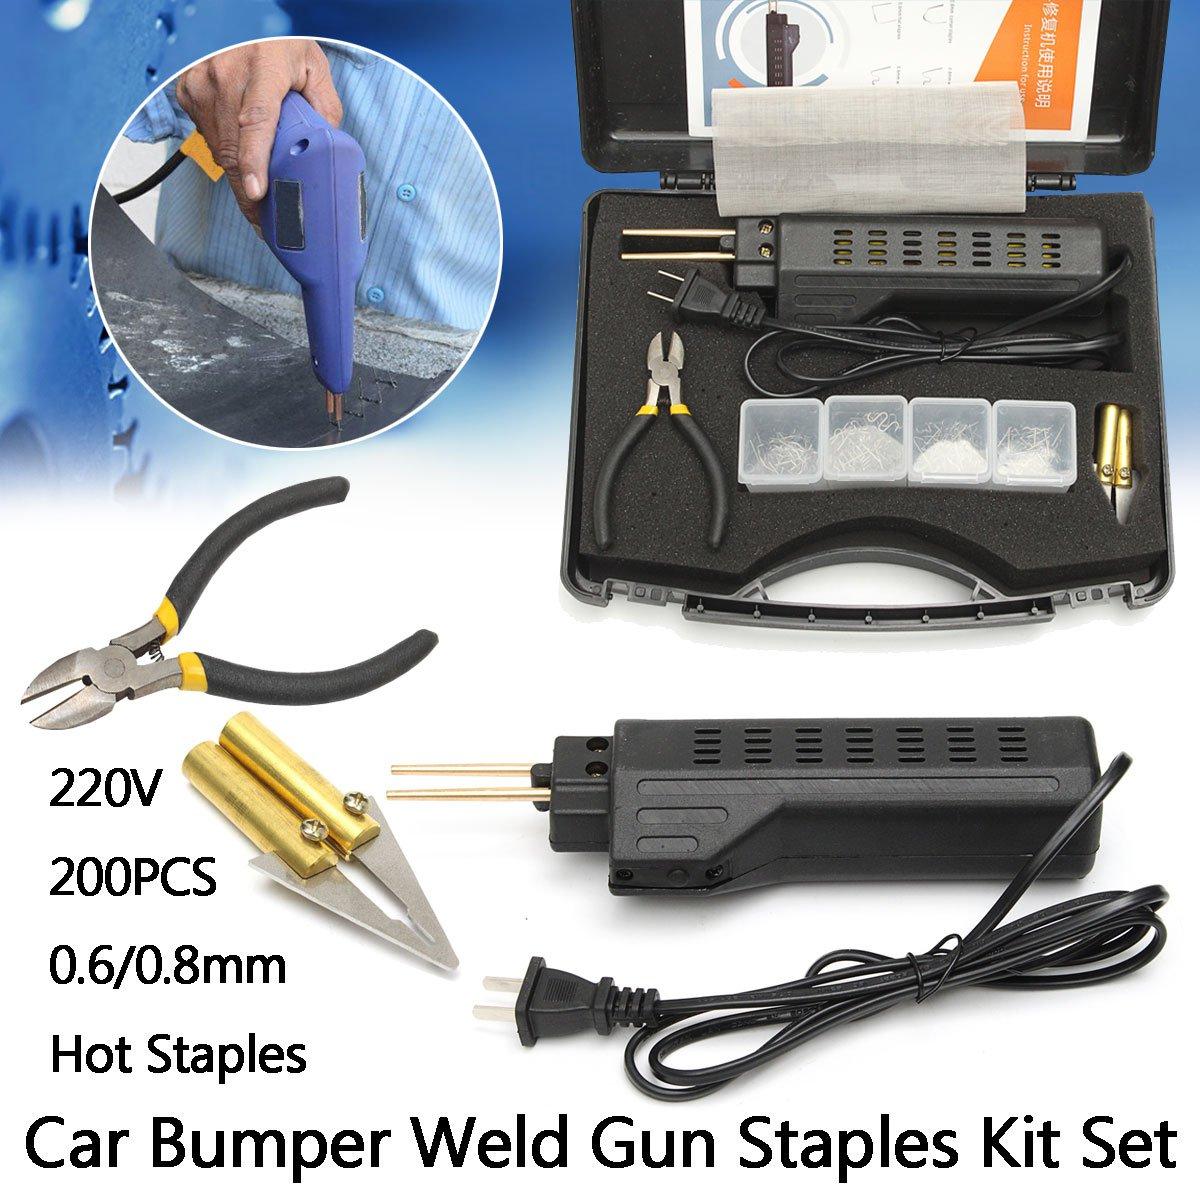 200 Staples+0.6/0.8mm 220-250v Hot Stapler Car Bumper Plastic Welding Torch Fairing Auto Body Tool Welder Machine Hand & Power Tool Accessories Power Tool Accessories